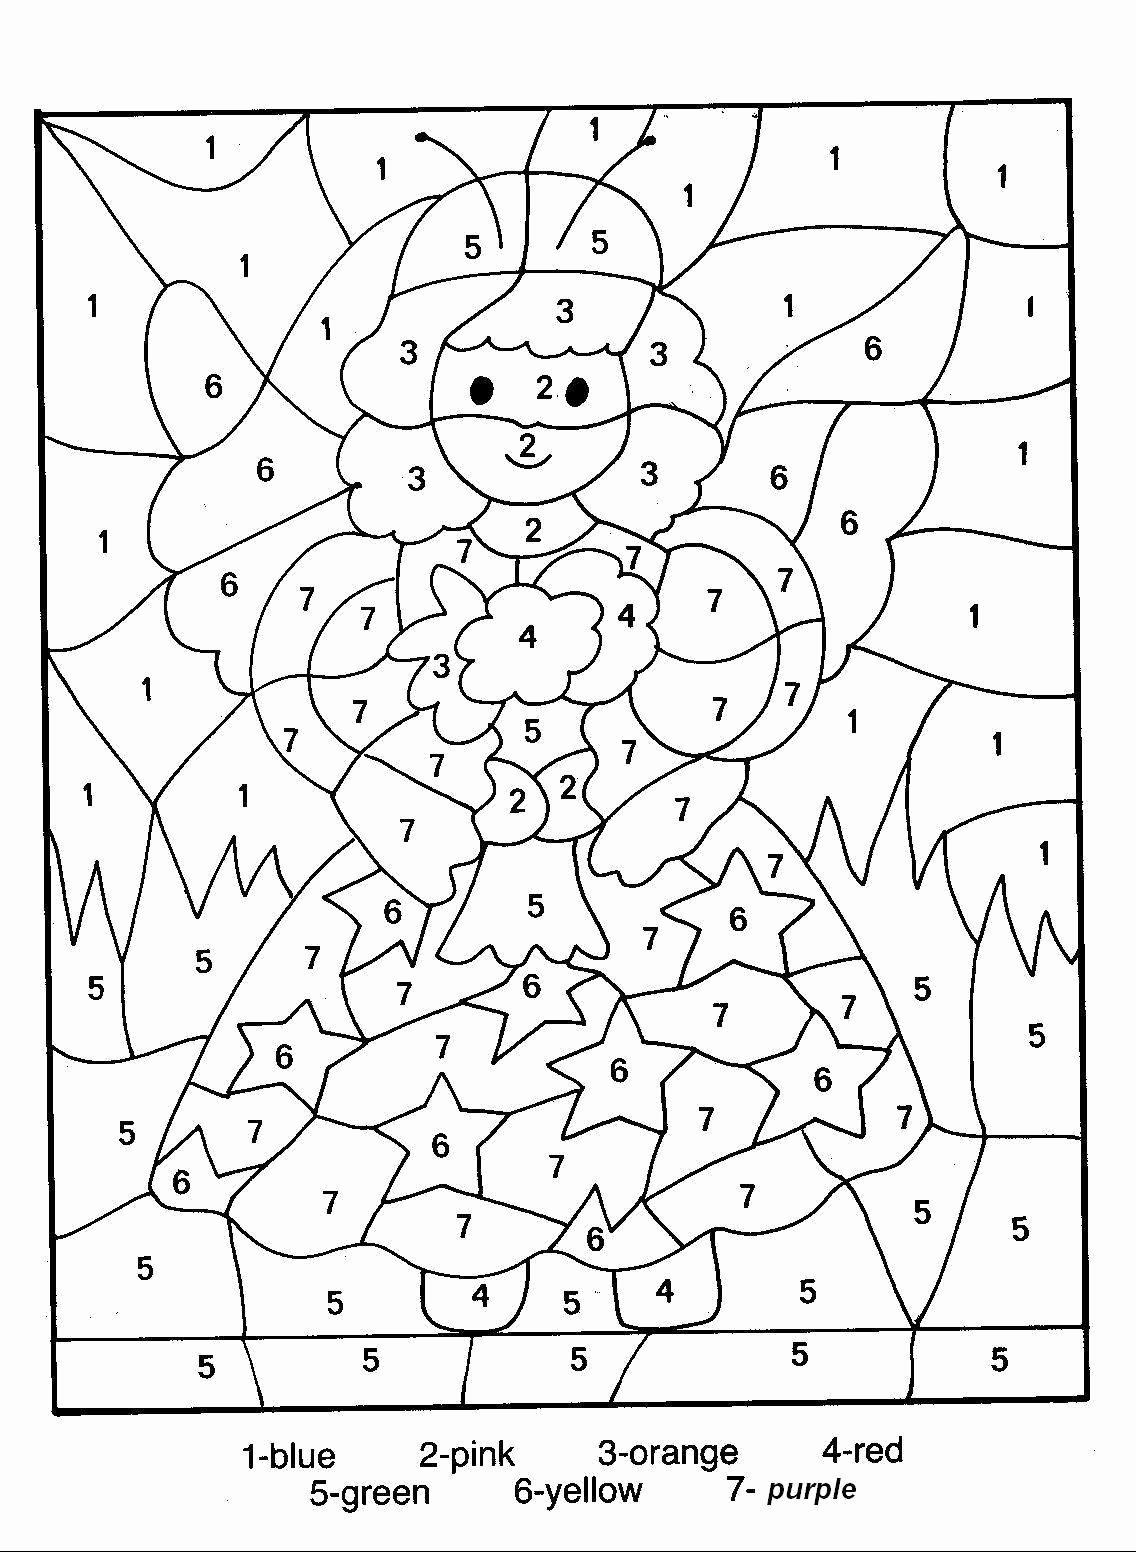 Открытку, раскраска по номерам на английском языке для детей